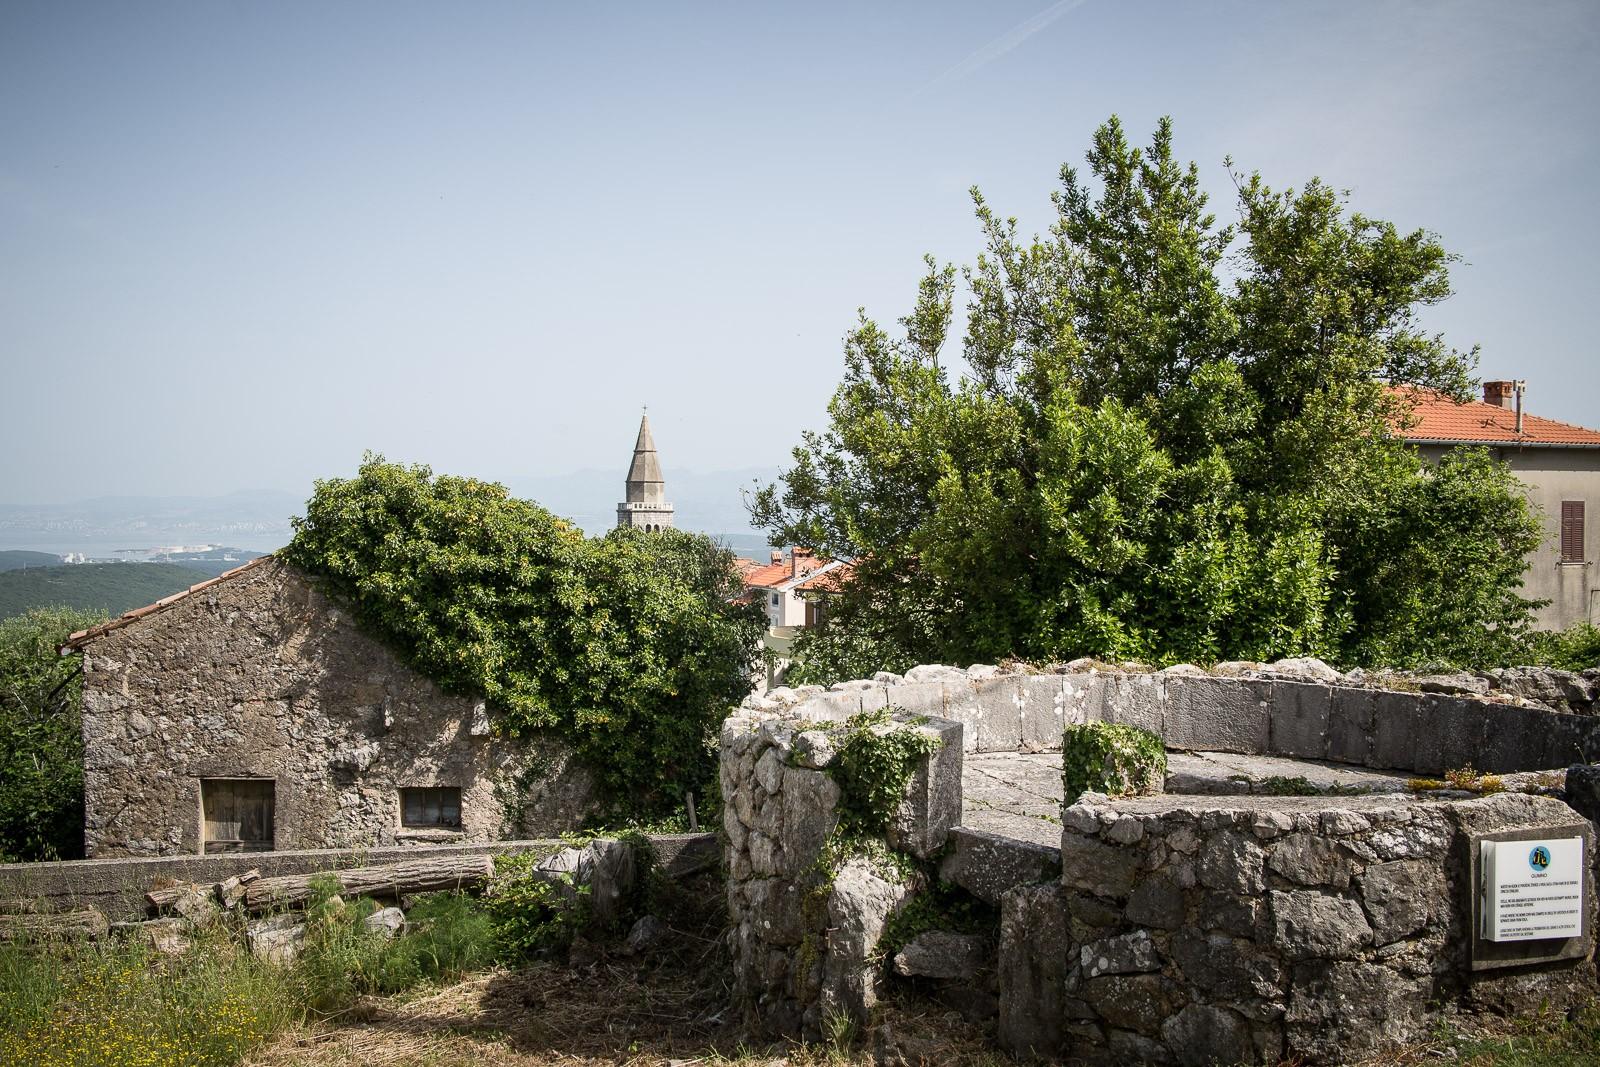 Historische Sehenswürdigkeit in Drobinj